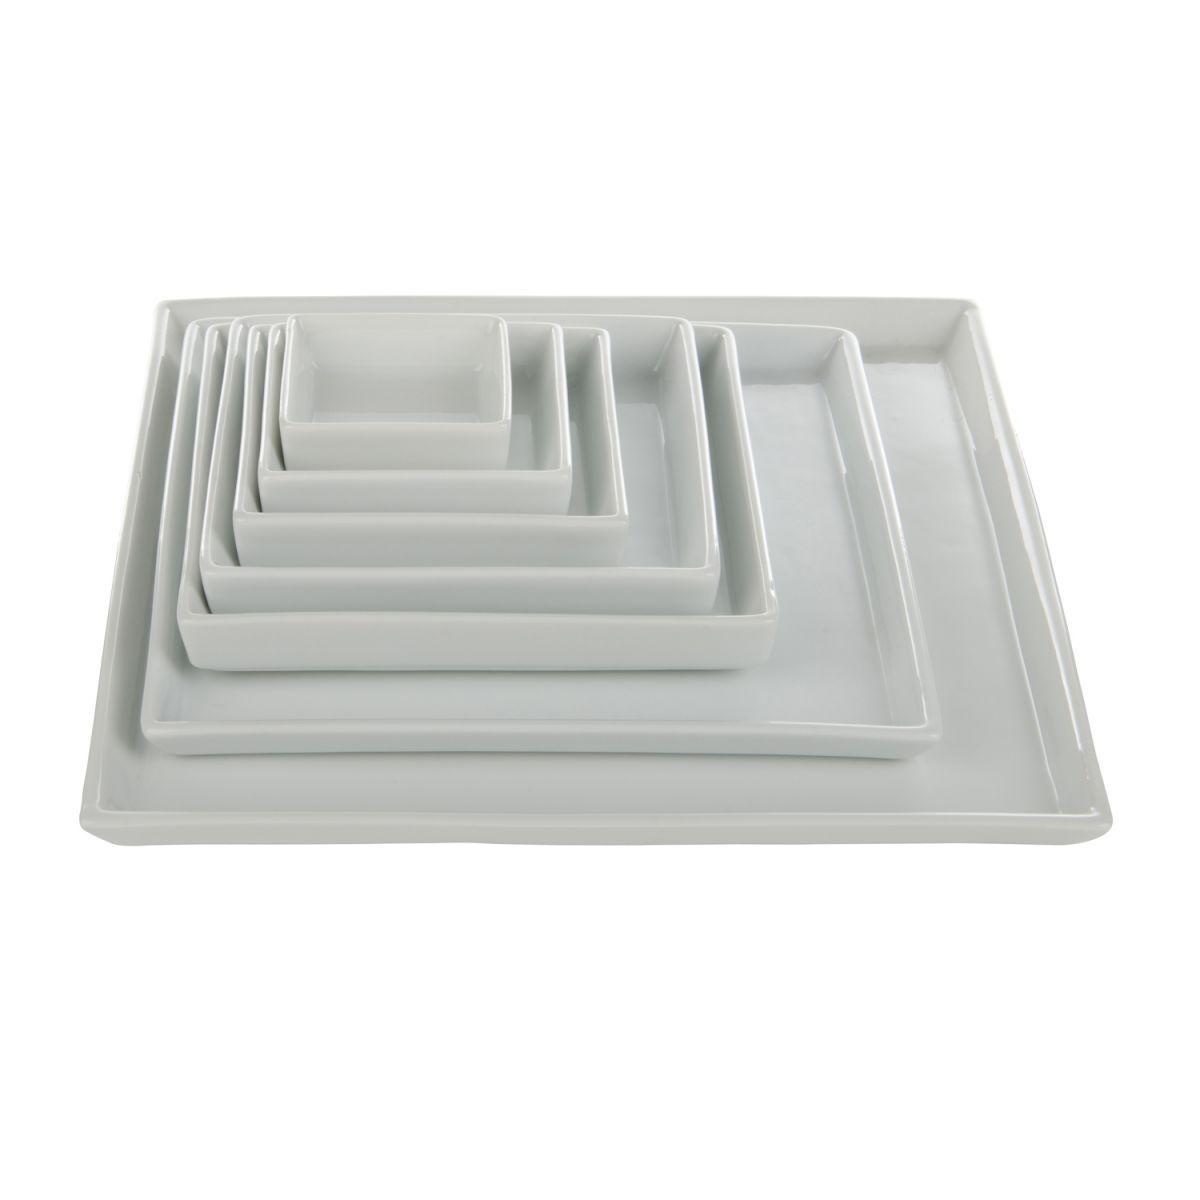 plate square wborder 15x15cm box12